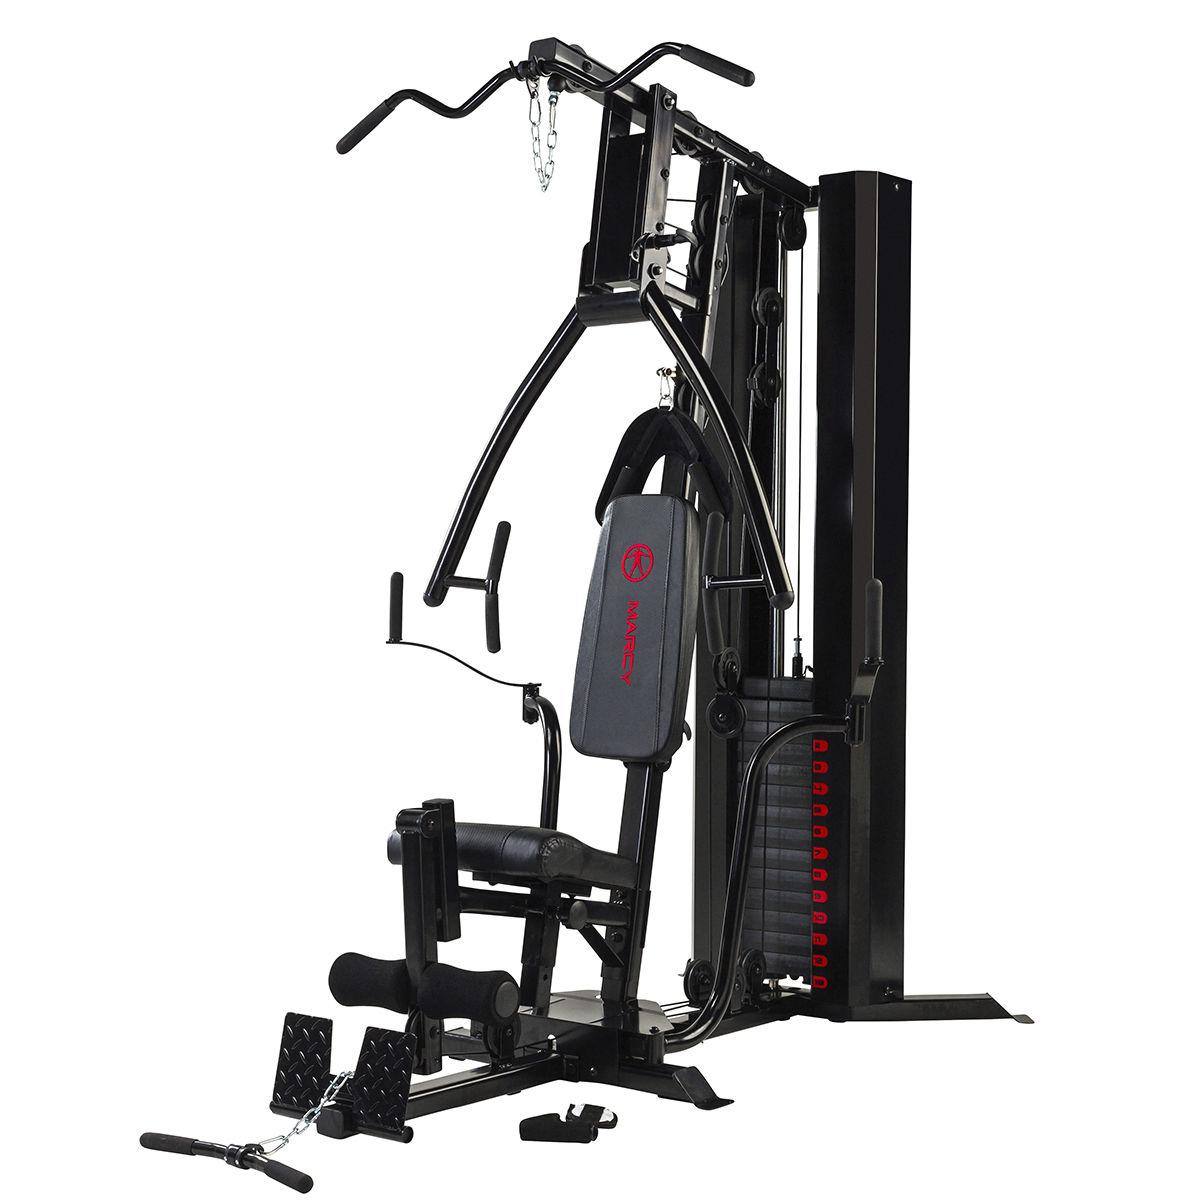 Domácí posilovací věž MARCY Deluxe Home Gym HG5000